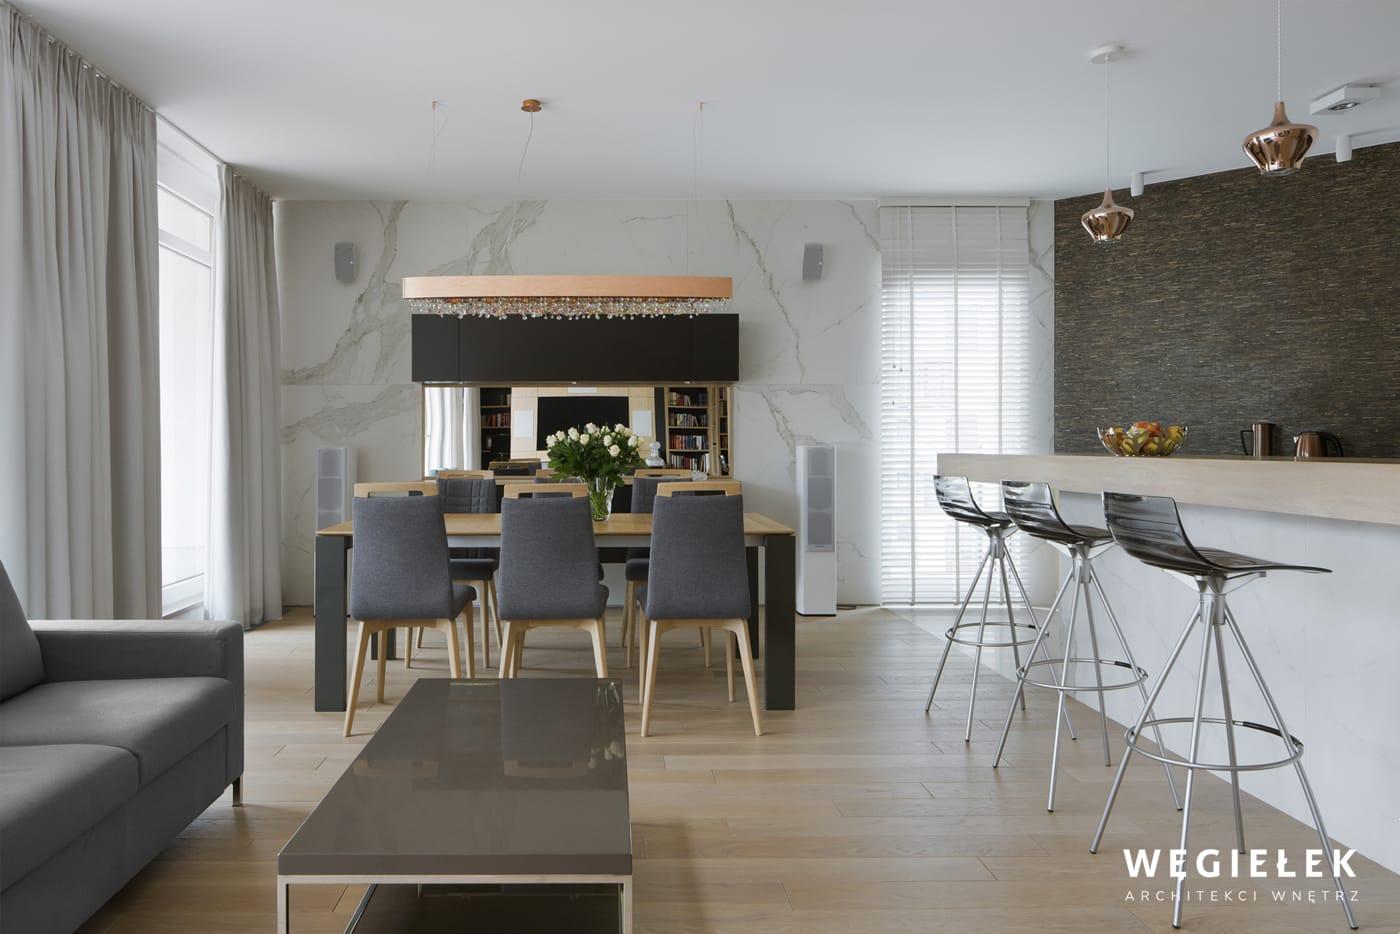 Pokój kąpielowy stworzony przez projektantów wnętrz, to wyjątkowa ozdoba domu. Jego częścią jest toaletka z lustrem, przy którym może stroić się elegantka.